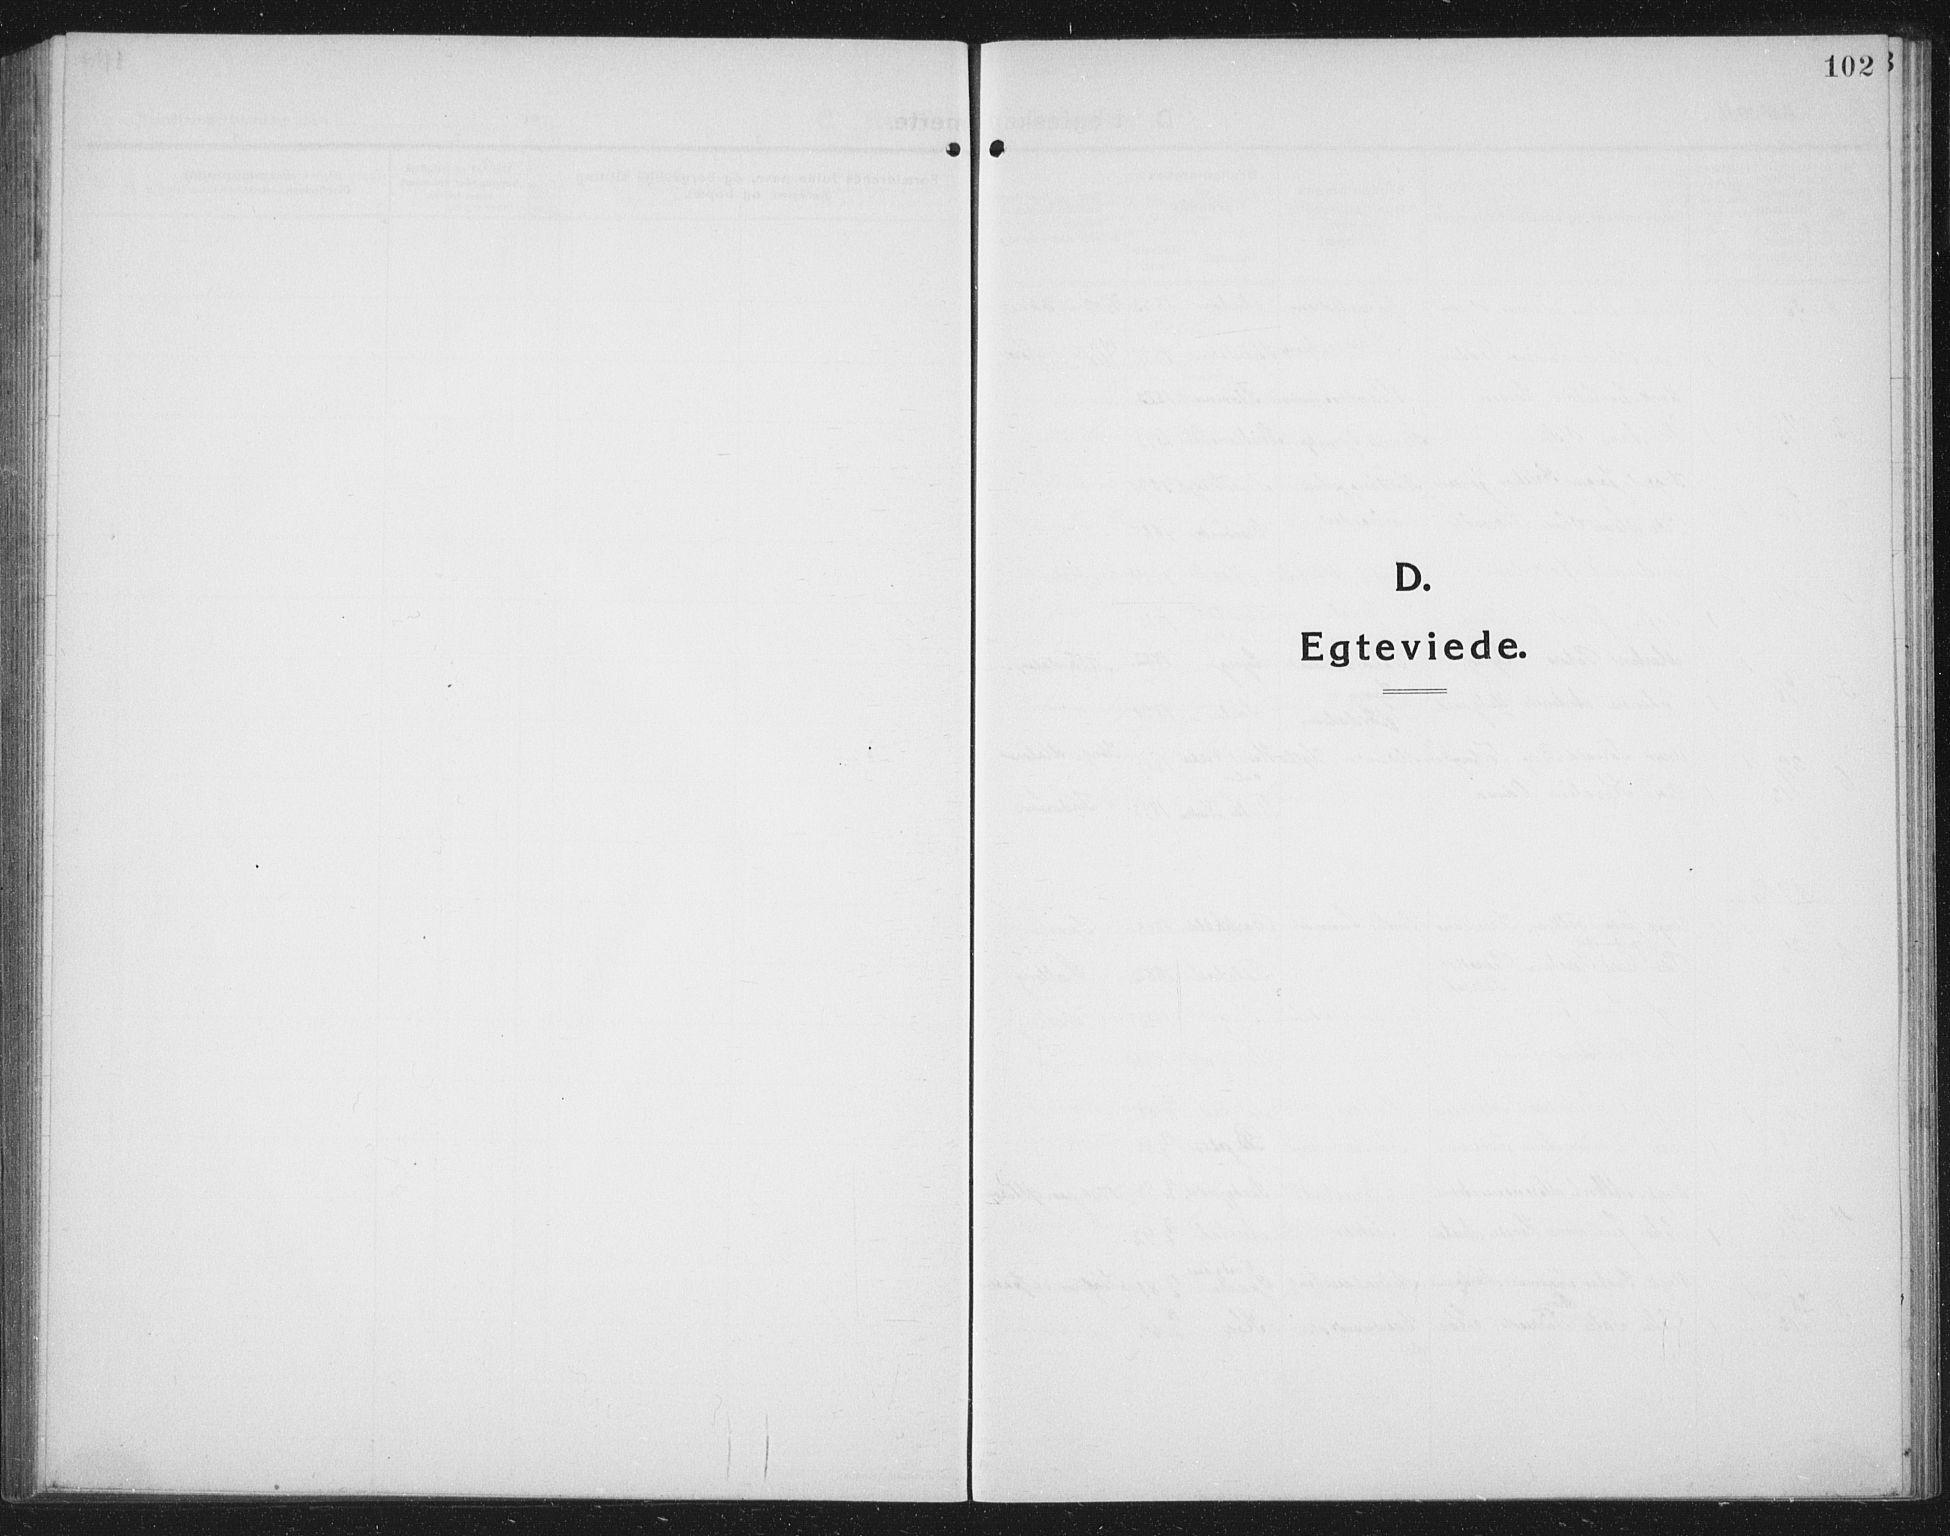 SAT, Ministerialprotokoller, klokkerbøker og fødselsregistre - Nord-Trøndelag, 731/L0312: Klokkerbok nr. 731C03, 1911-1935, s. 102